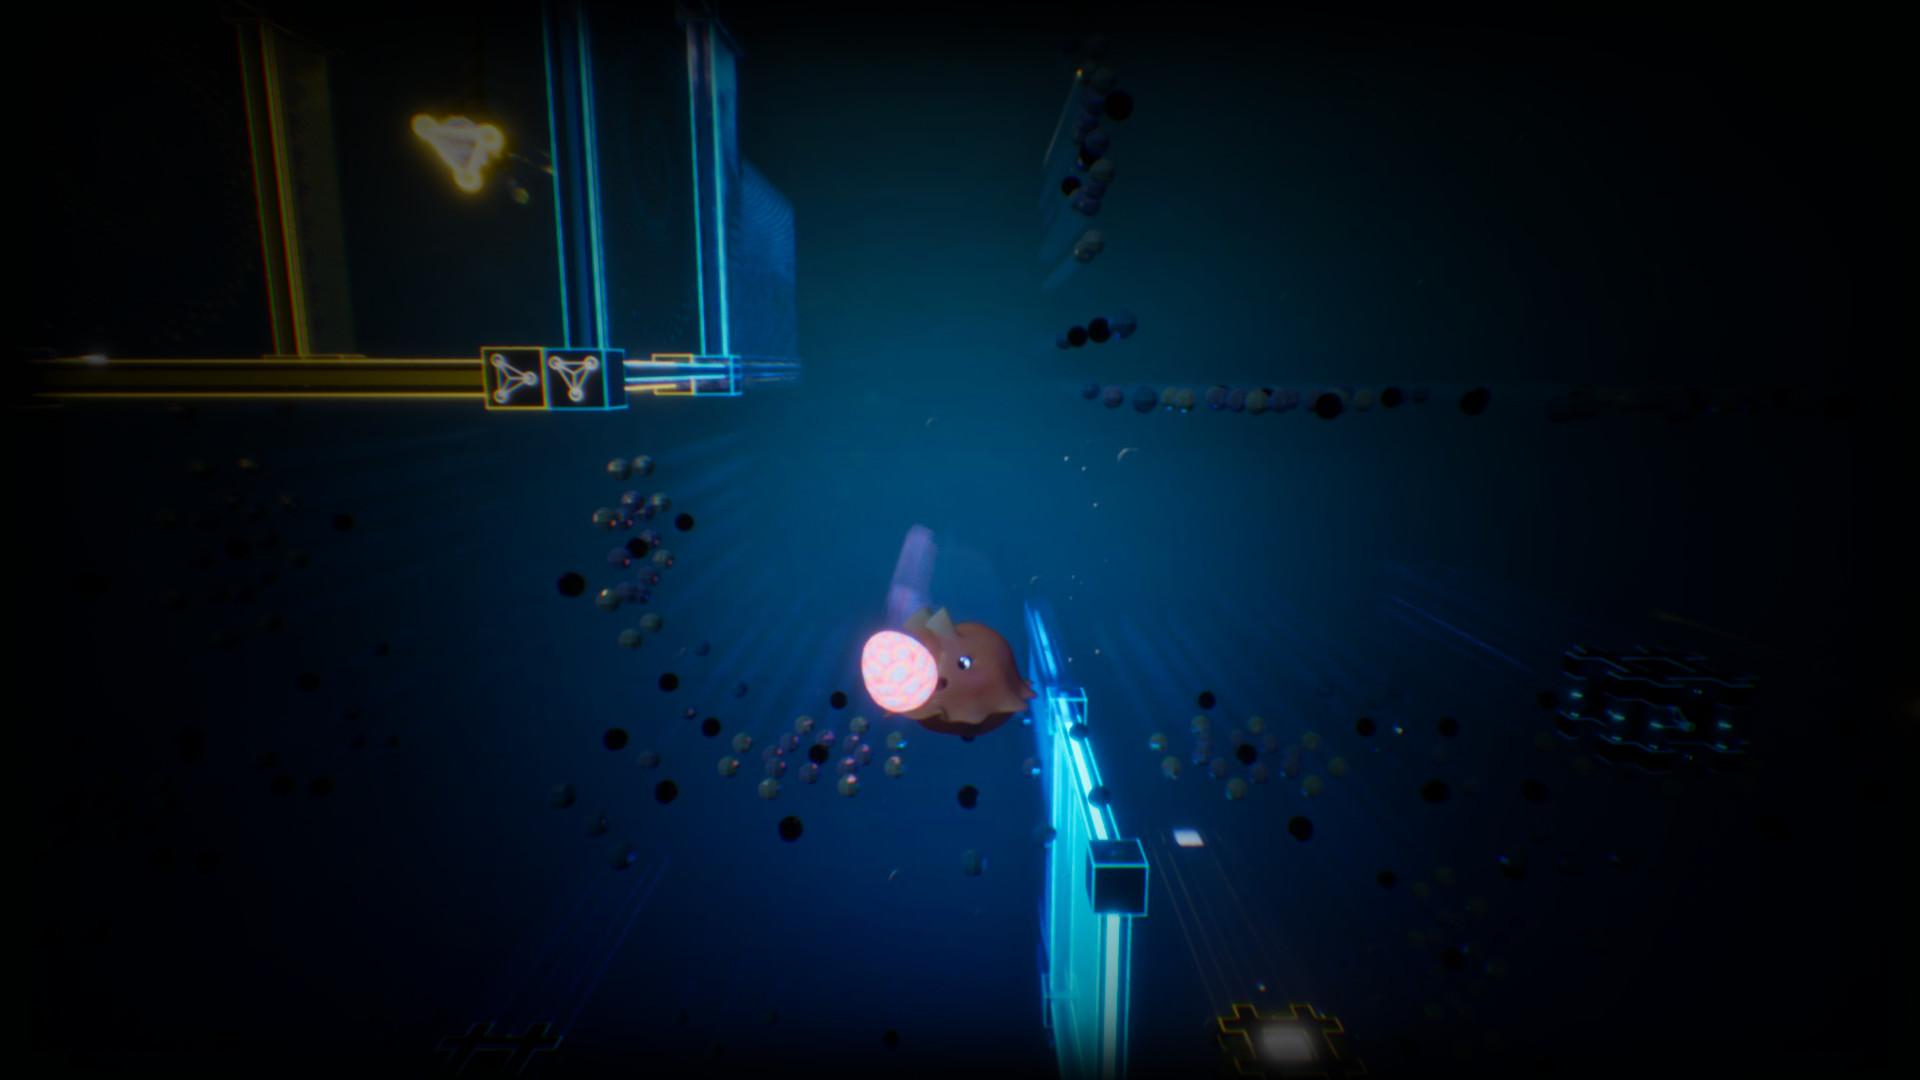 Bloat screenshot